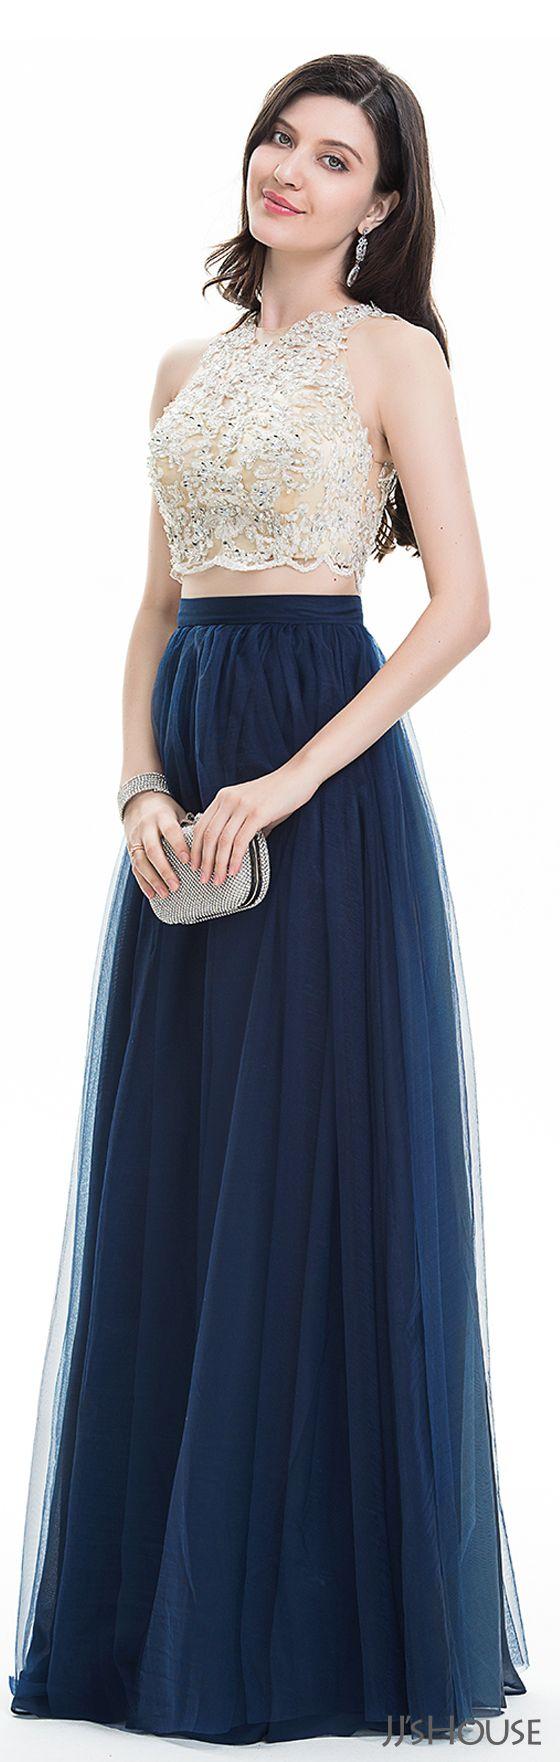 #JJsHouse #Prom The skirt!